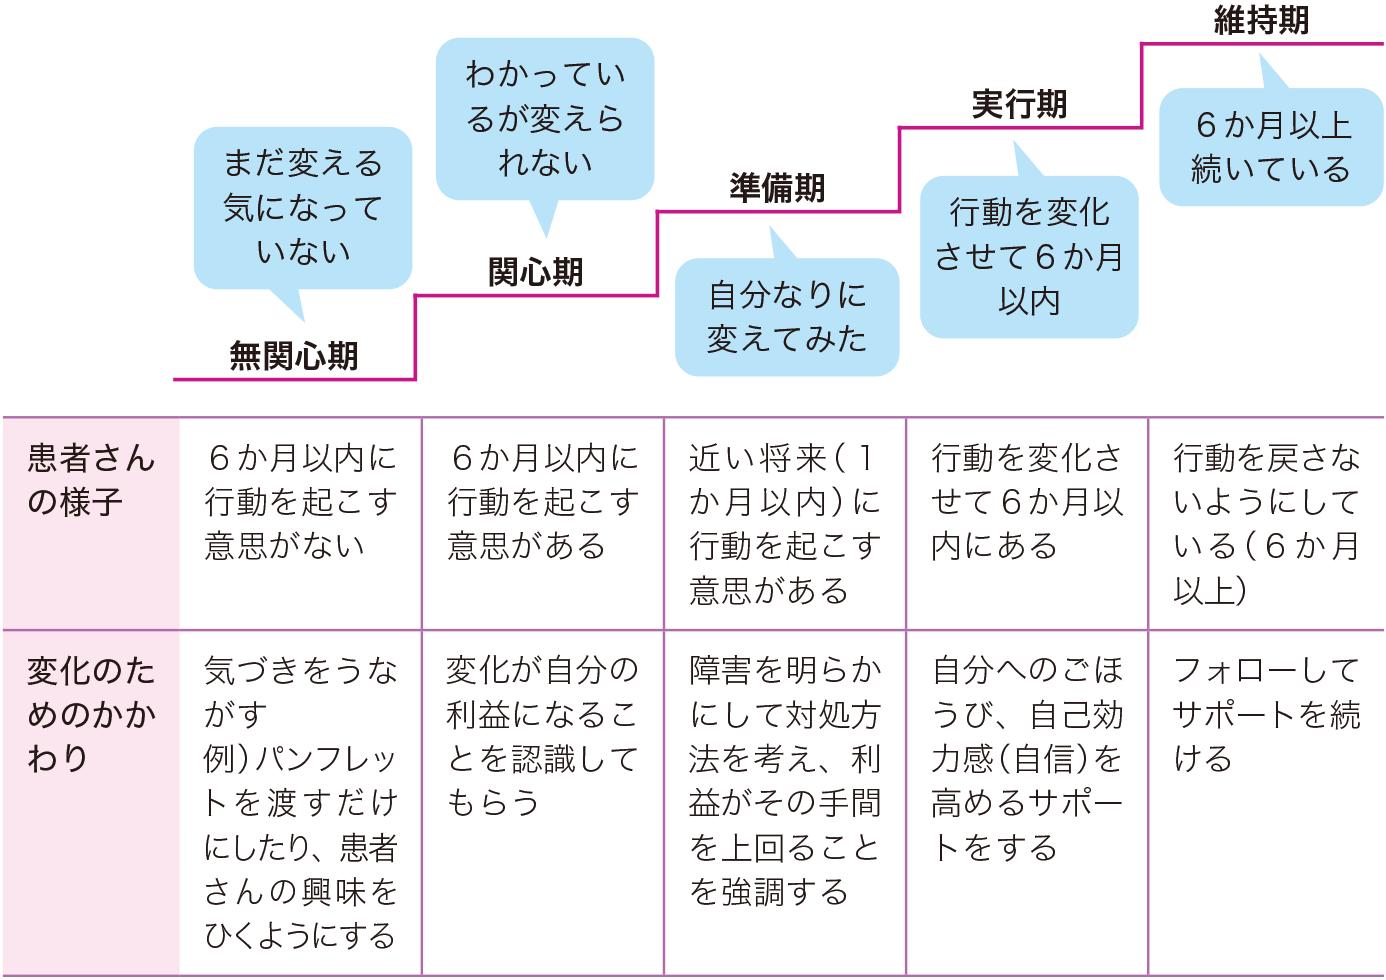 行動変容ステージモデル